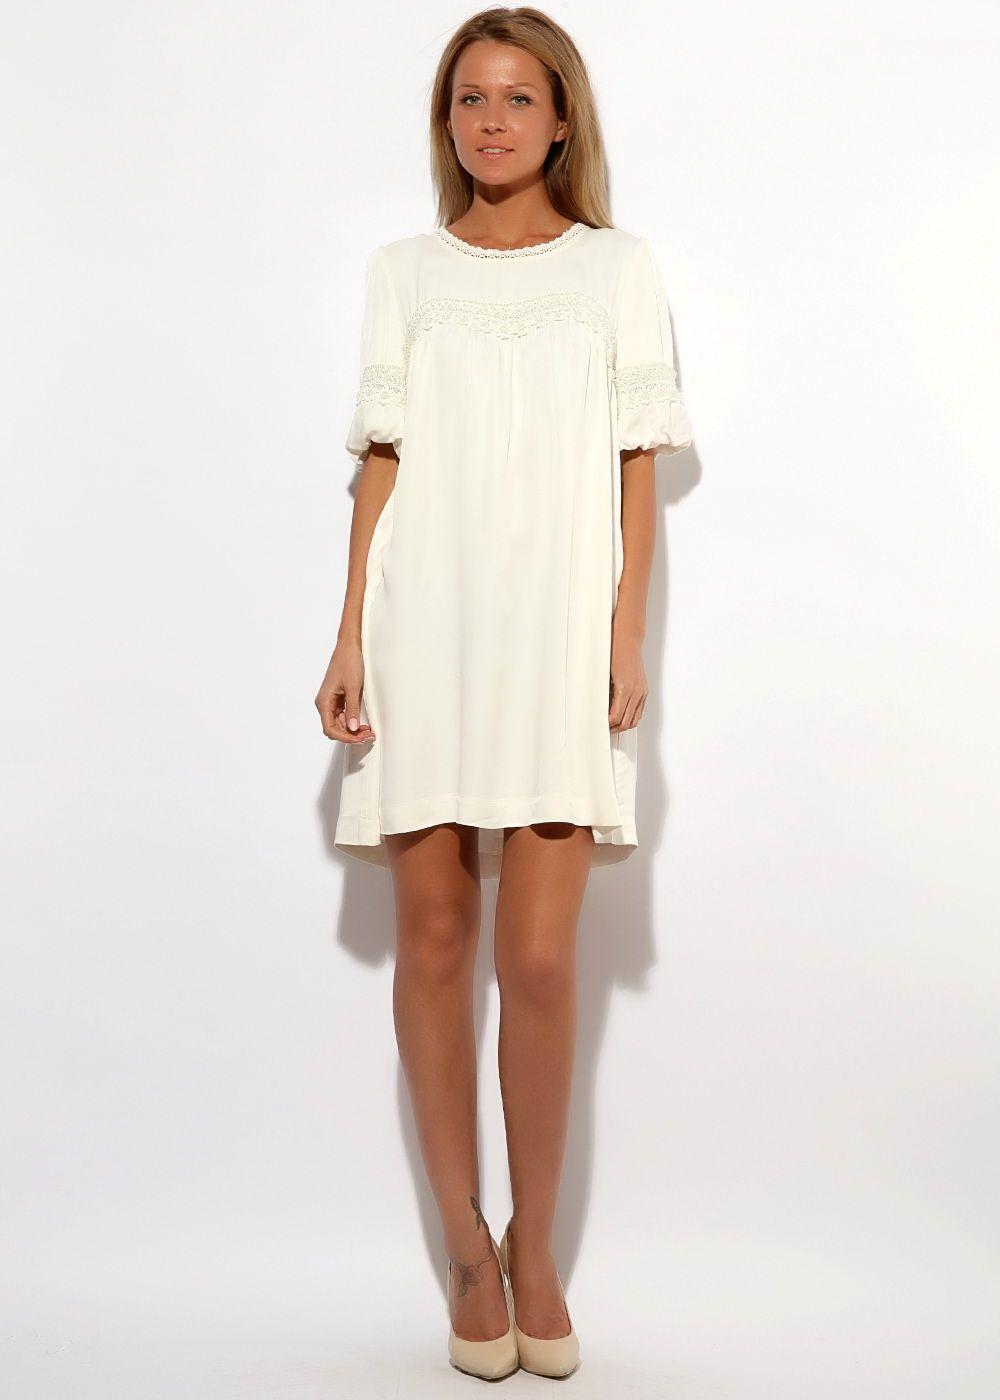 9393508a003a Купить брендовое платье Chanel (артикул  79208) с доставкой в  интернет-магазине Z95